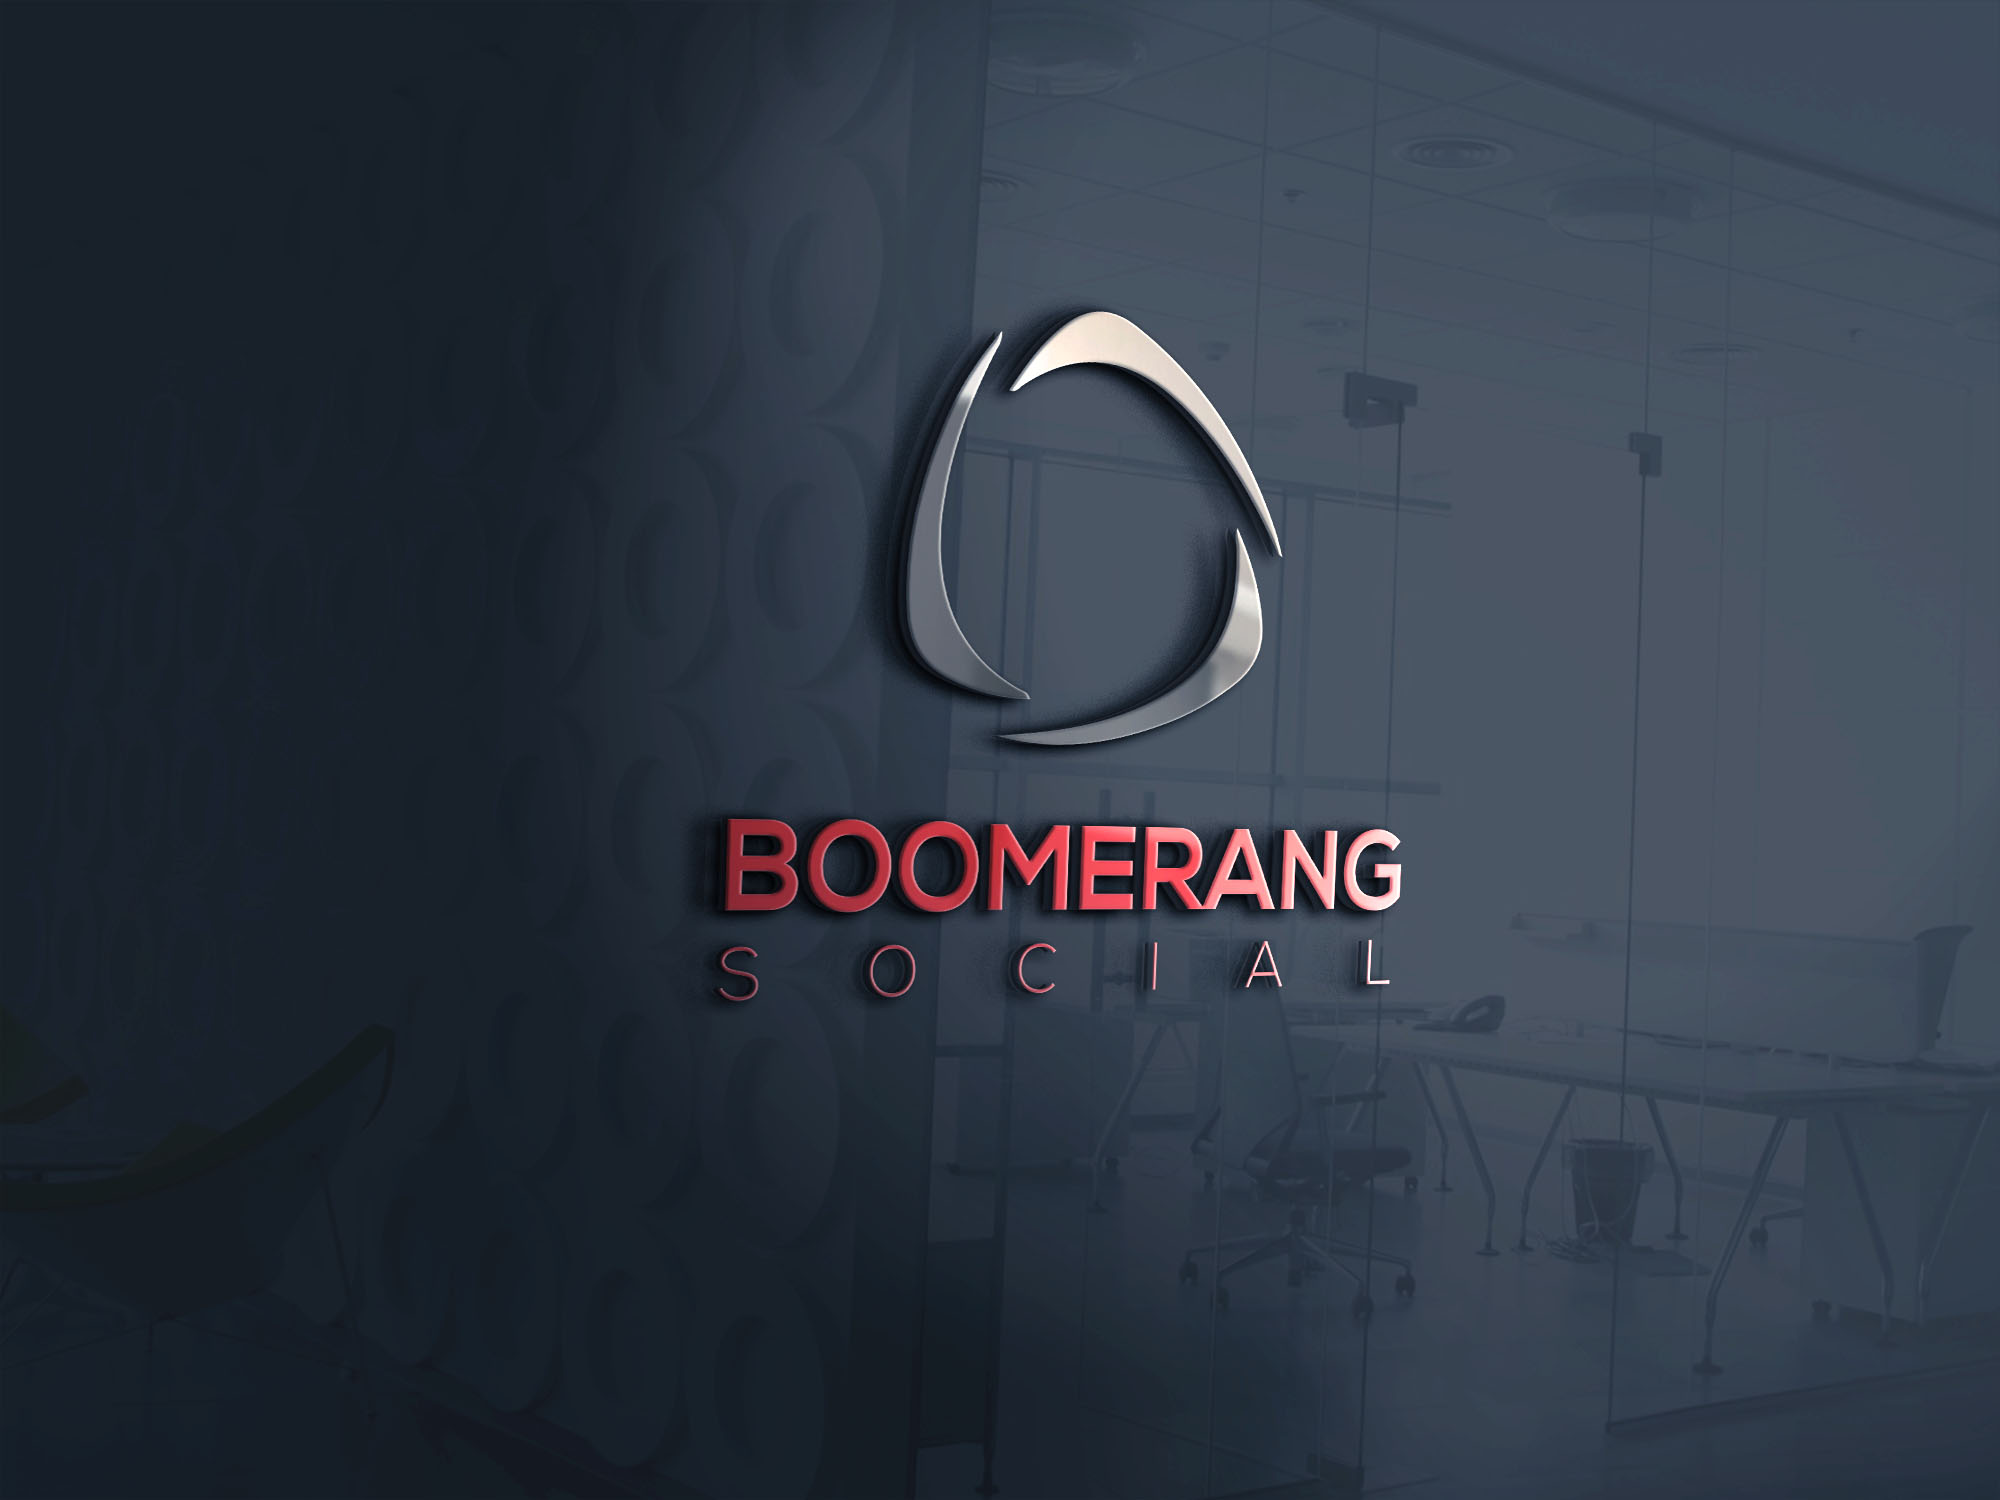 Boomerang Social